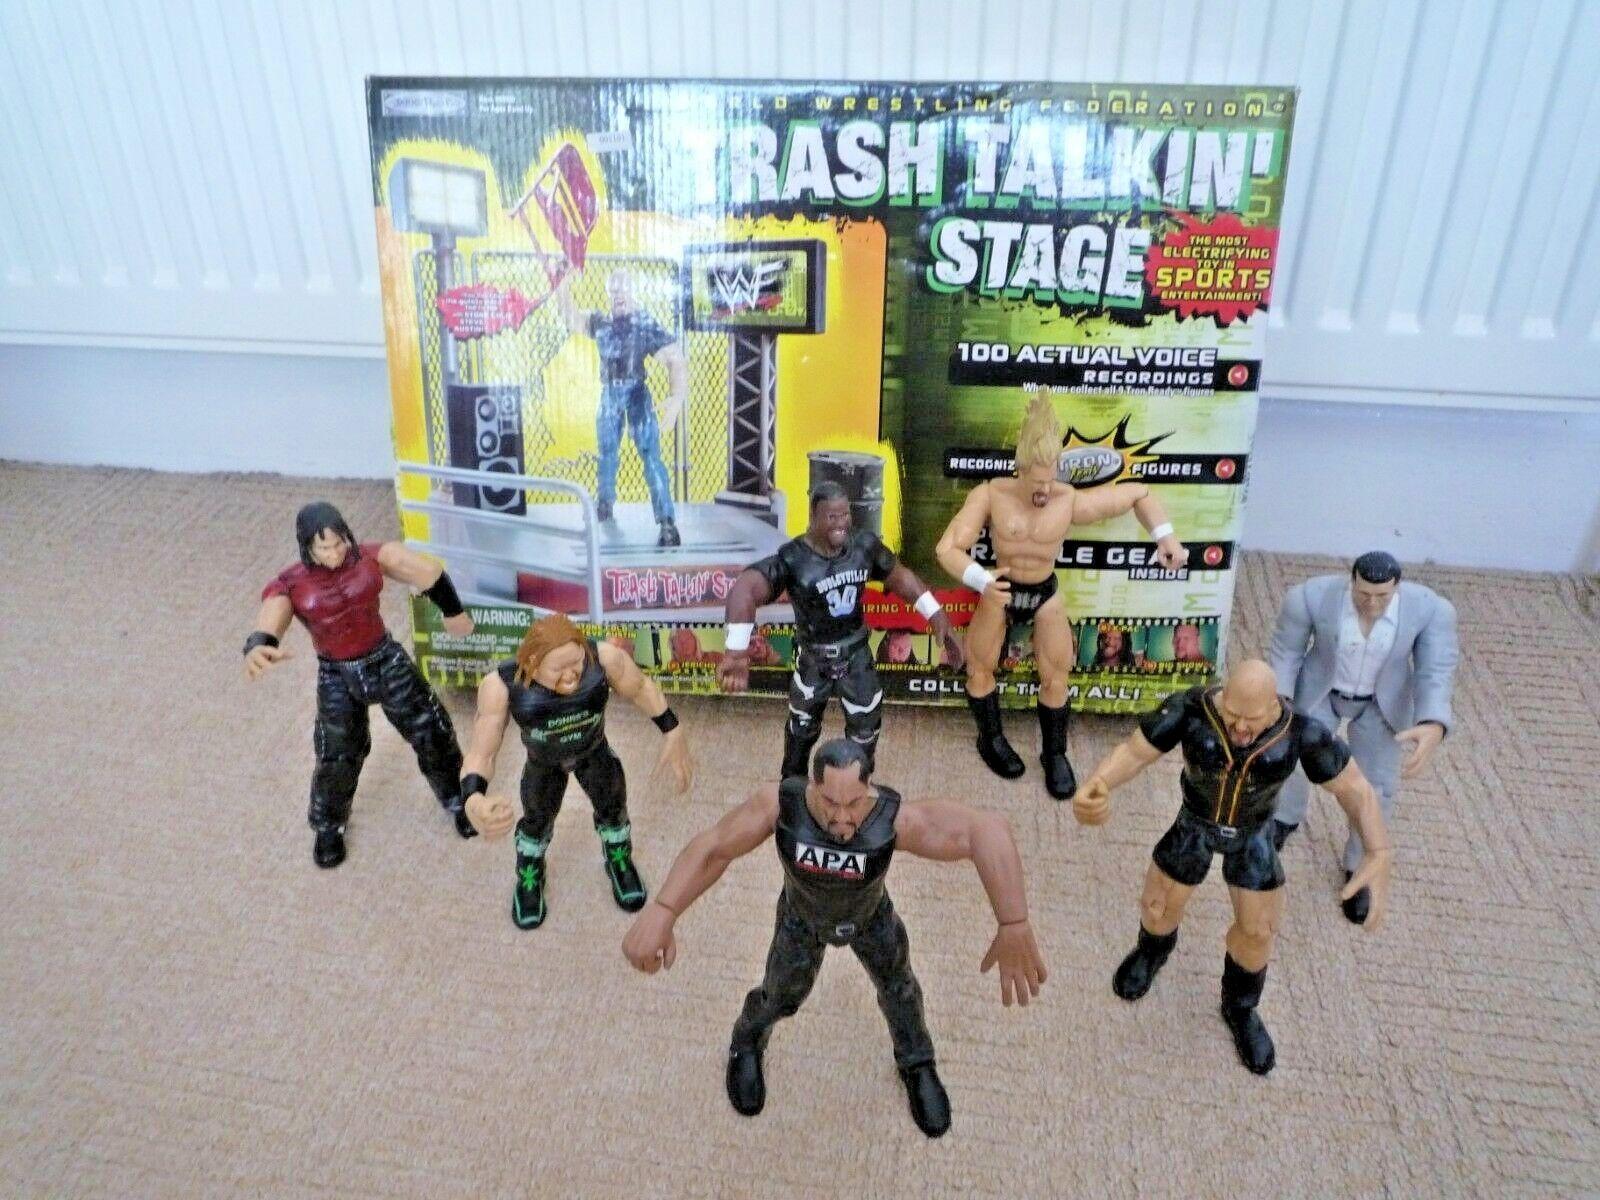 WWE WWF Titan Tron basura hablando etapa Sellado & 7 figuras Titan Tron